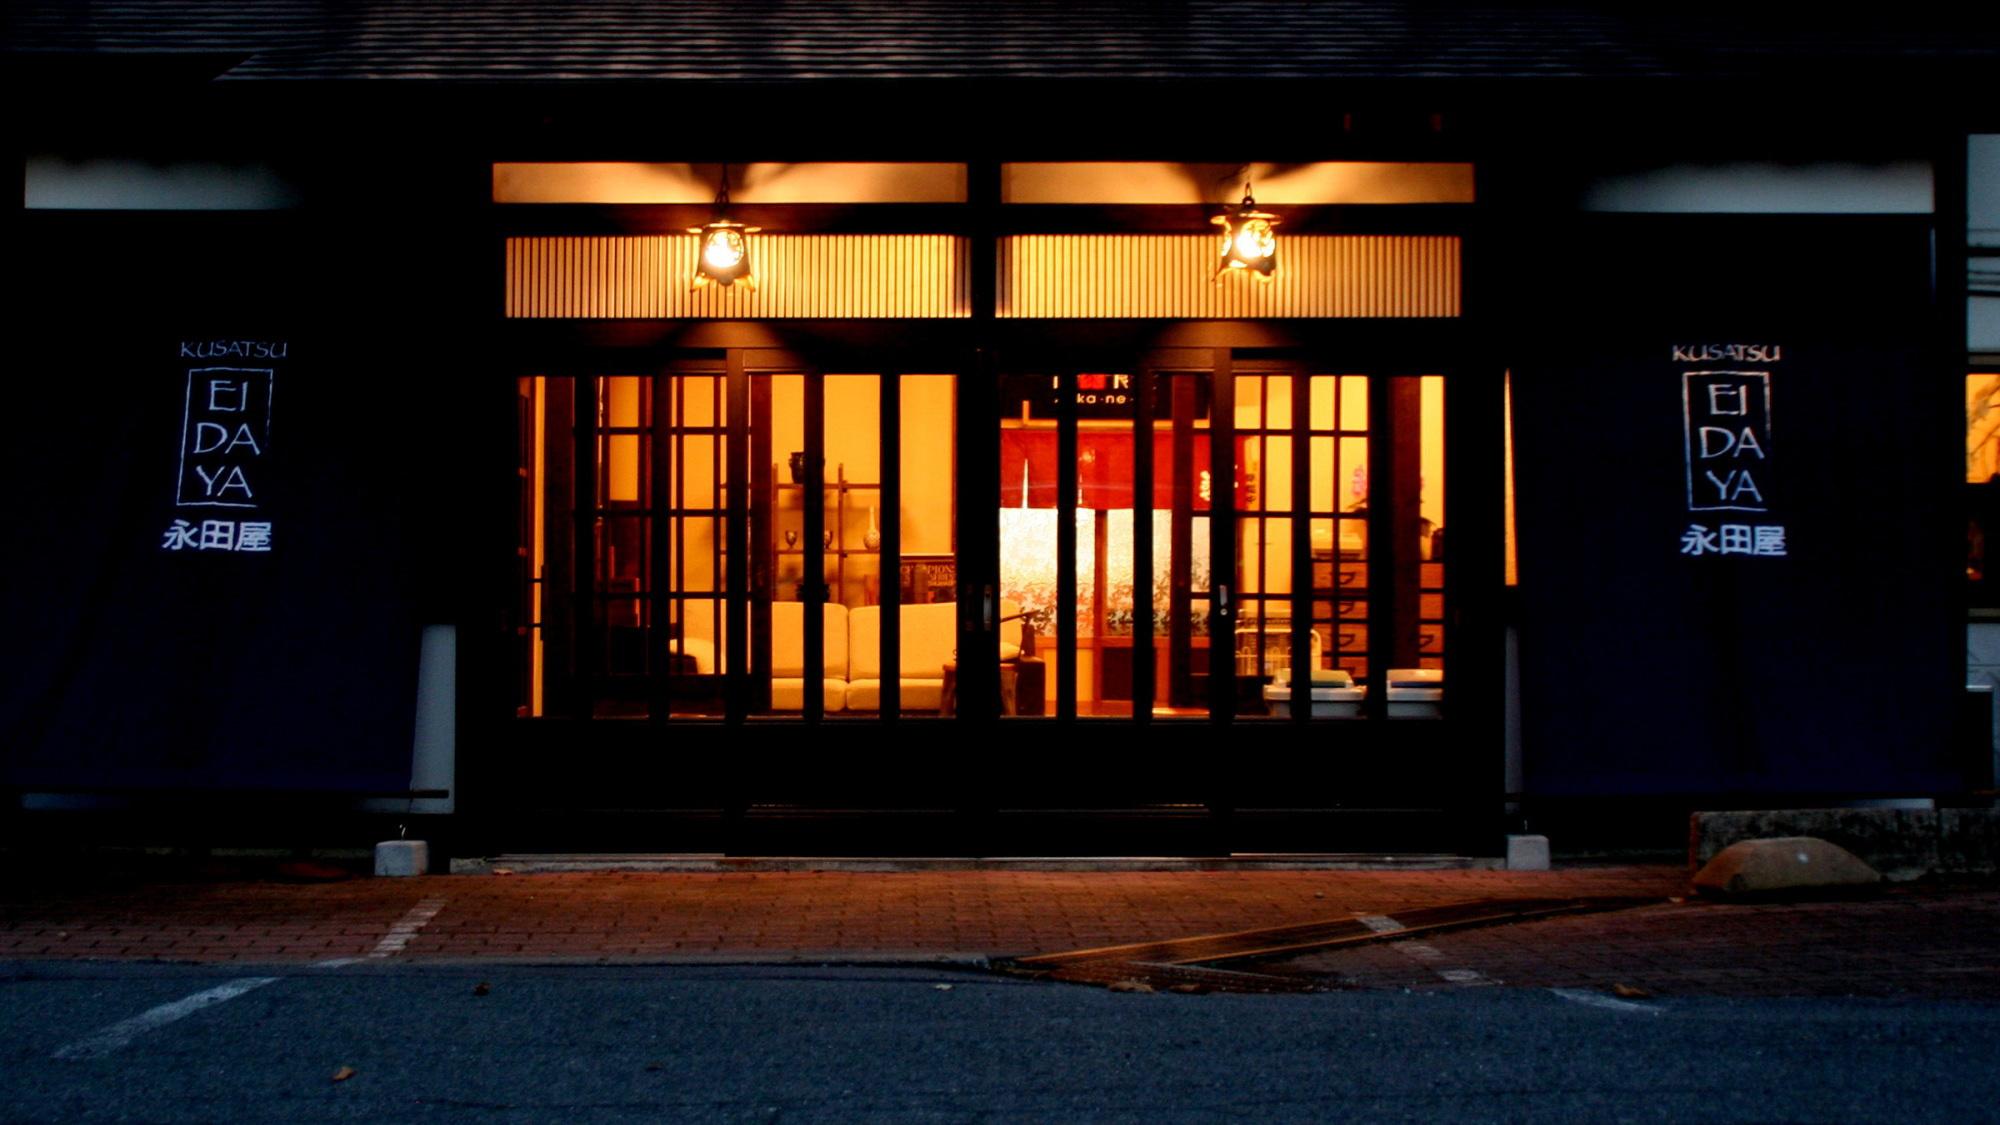 2泊するとお得になるプランがある草津温泉の宿は?